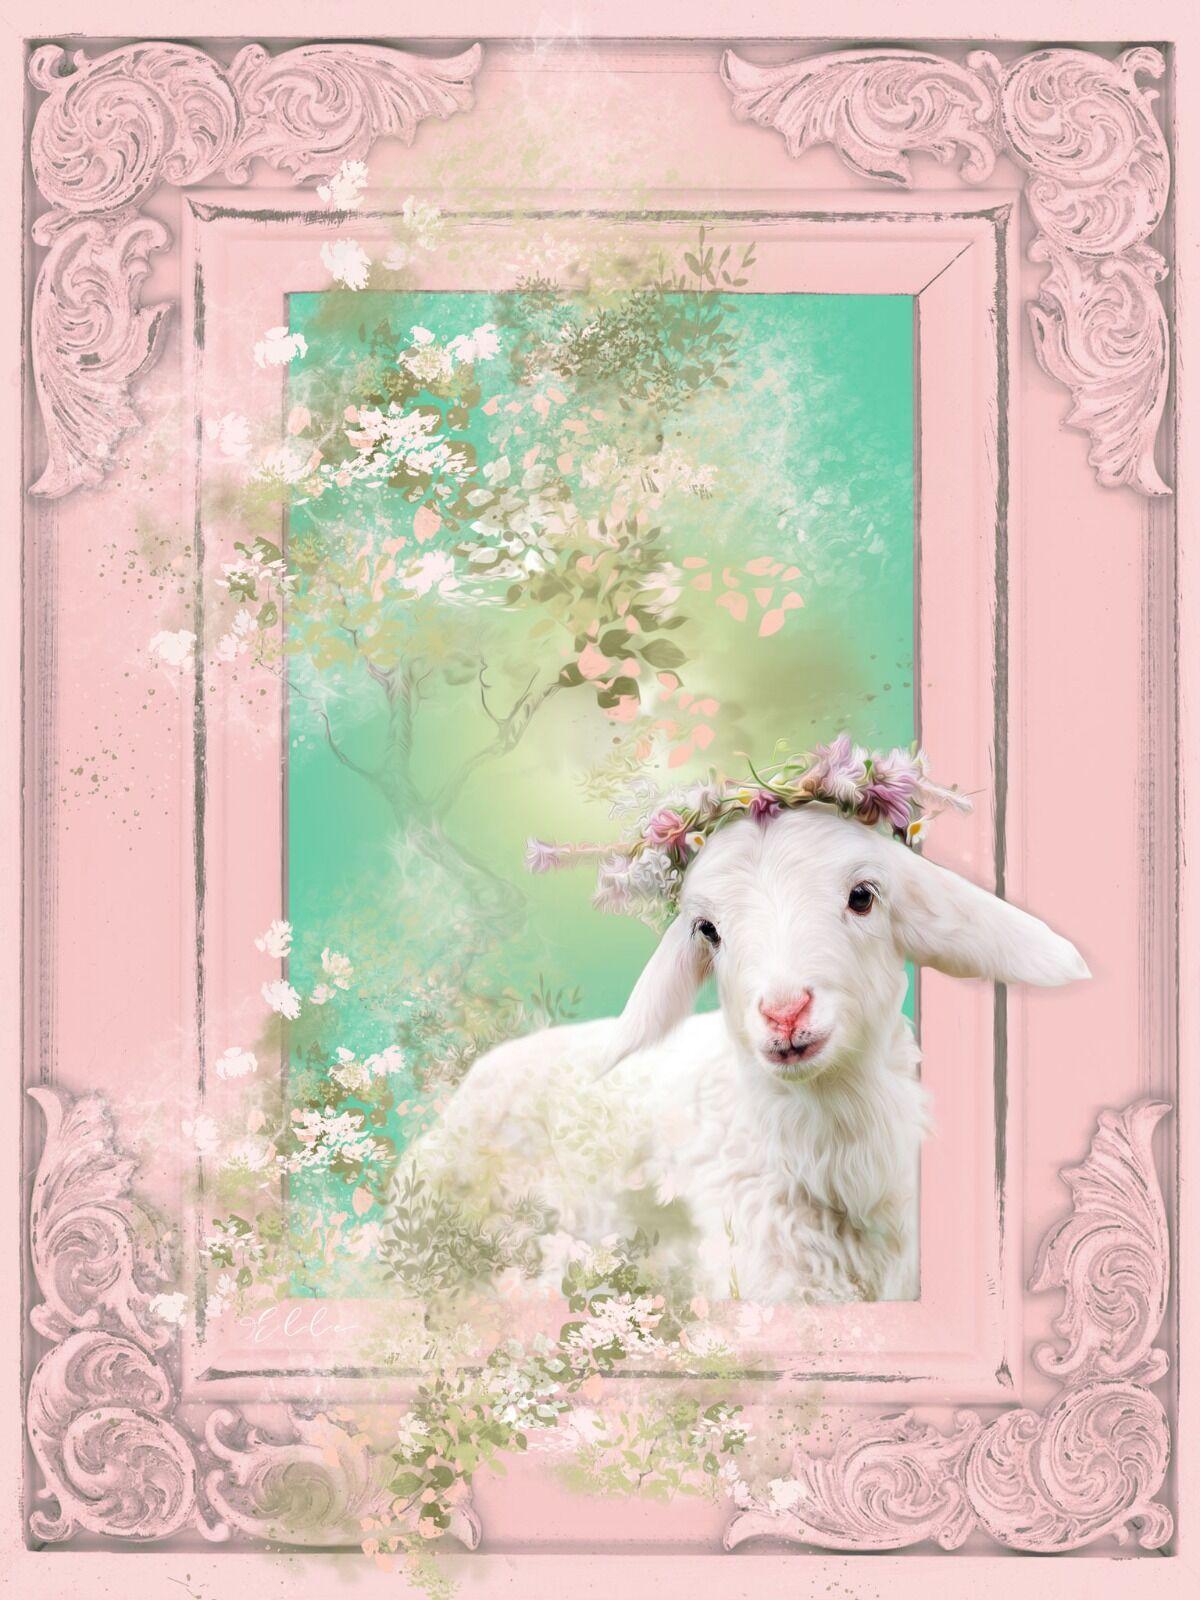 Little lamb - Wall art for baby nursery